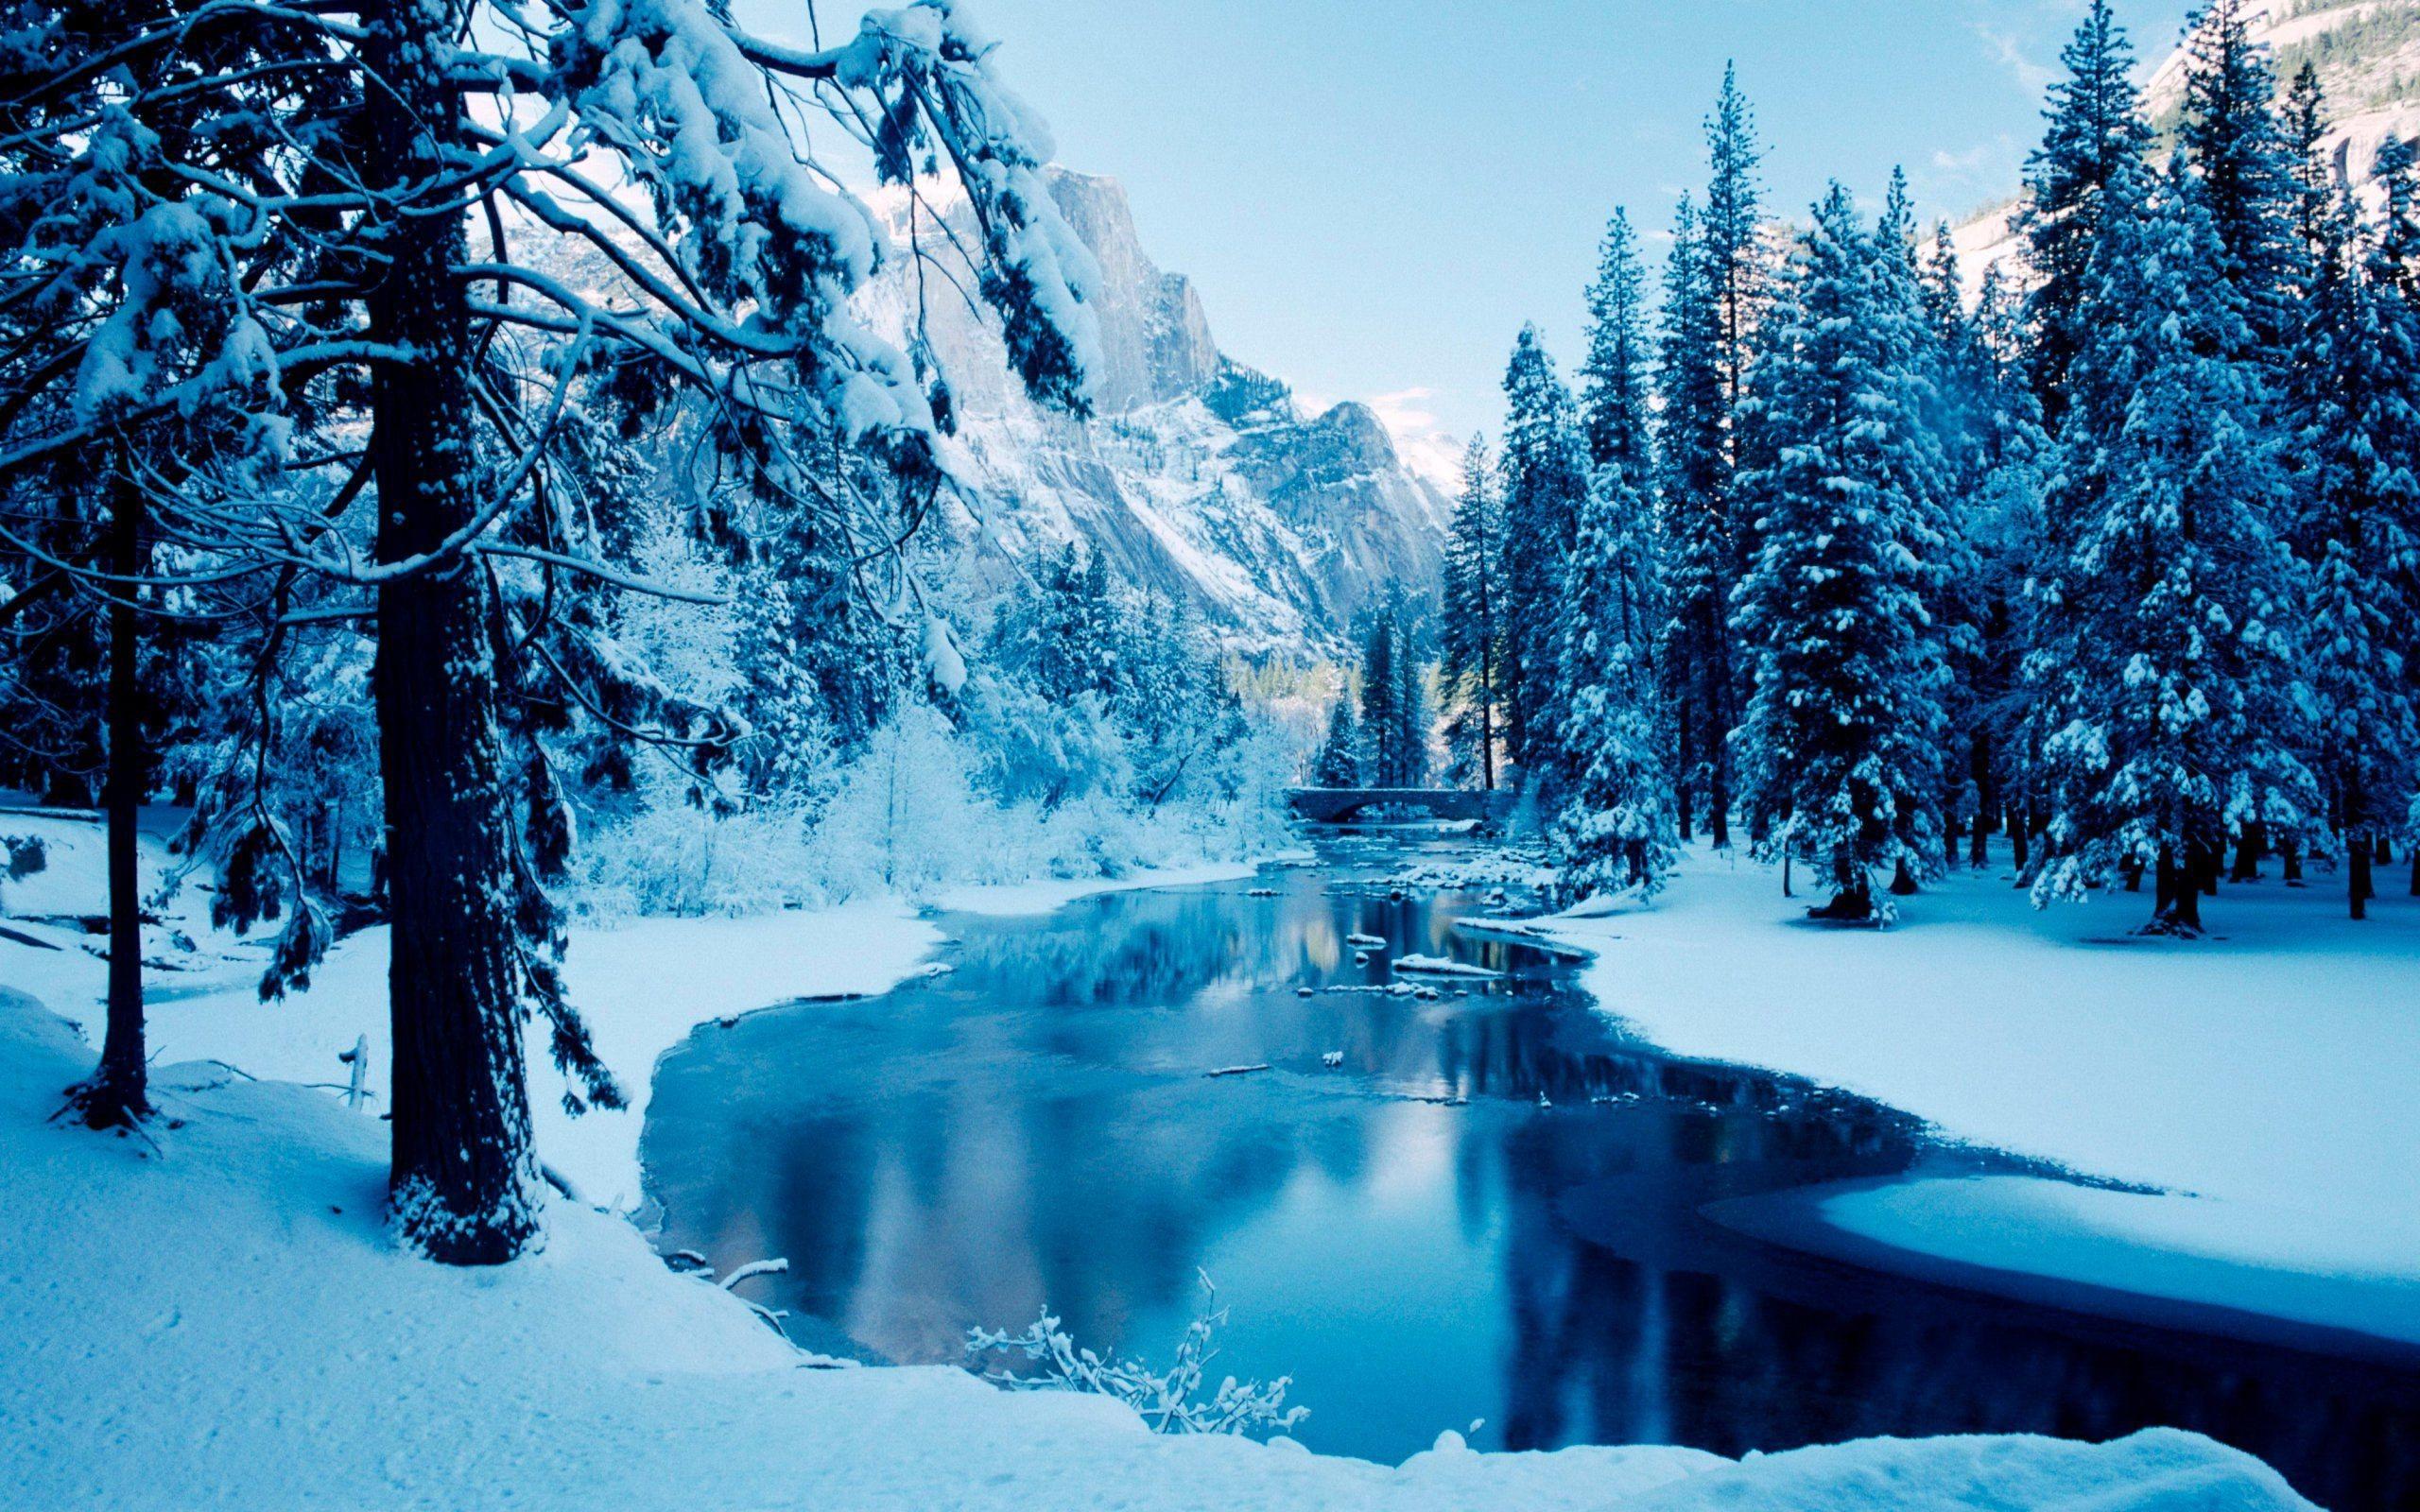 Winter Scenes Wallpaper Desktop (68+ images)